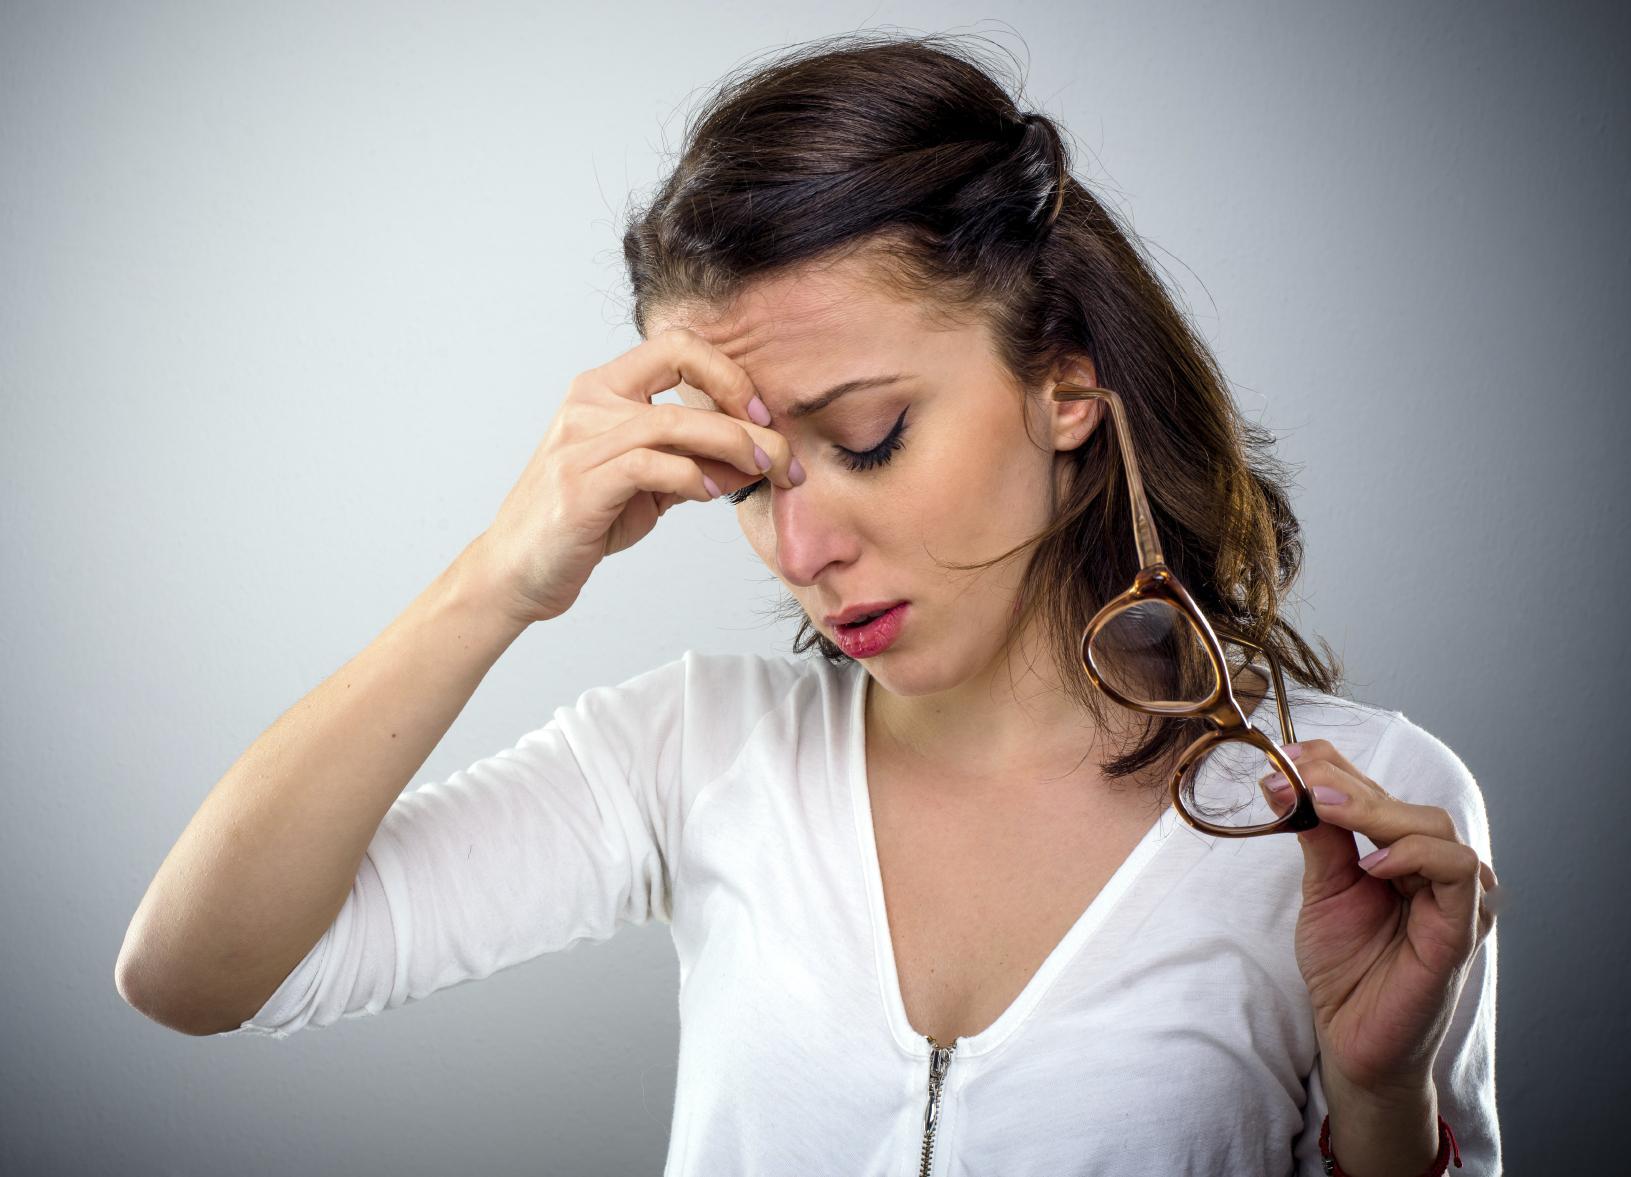 e4d2581a83 Causas que pueden ocasionar la pérdida de visión de un ojo   Blog de ...